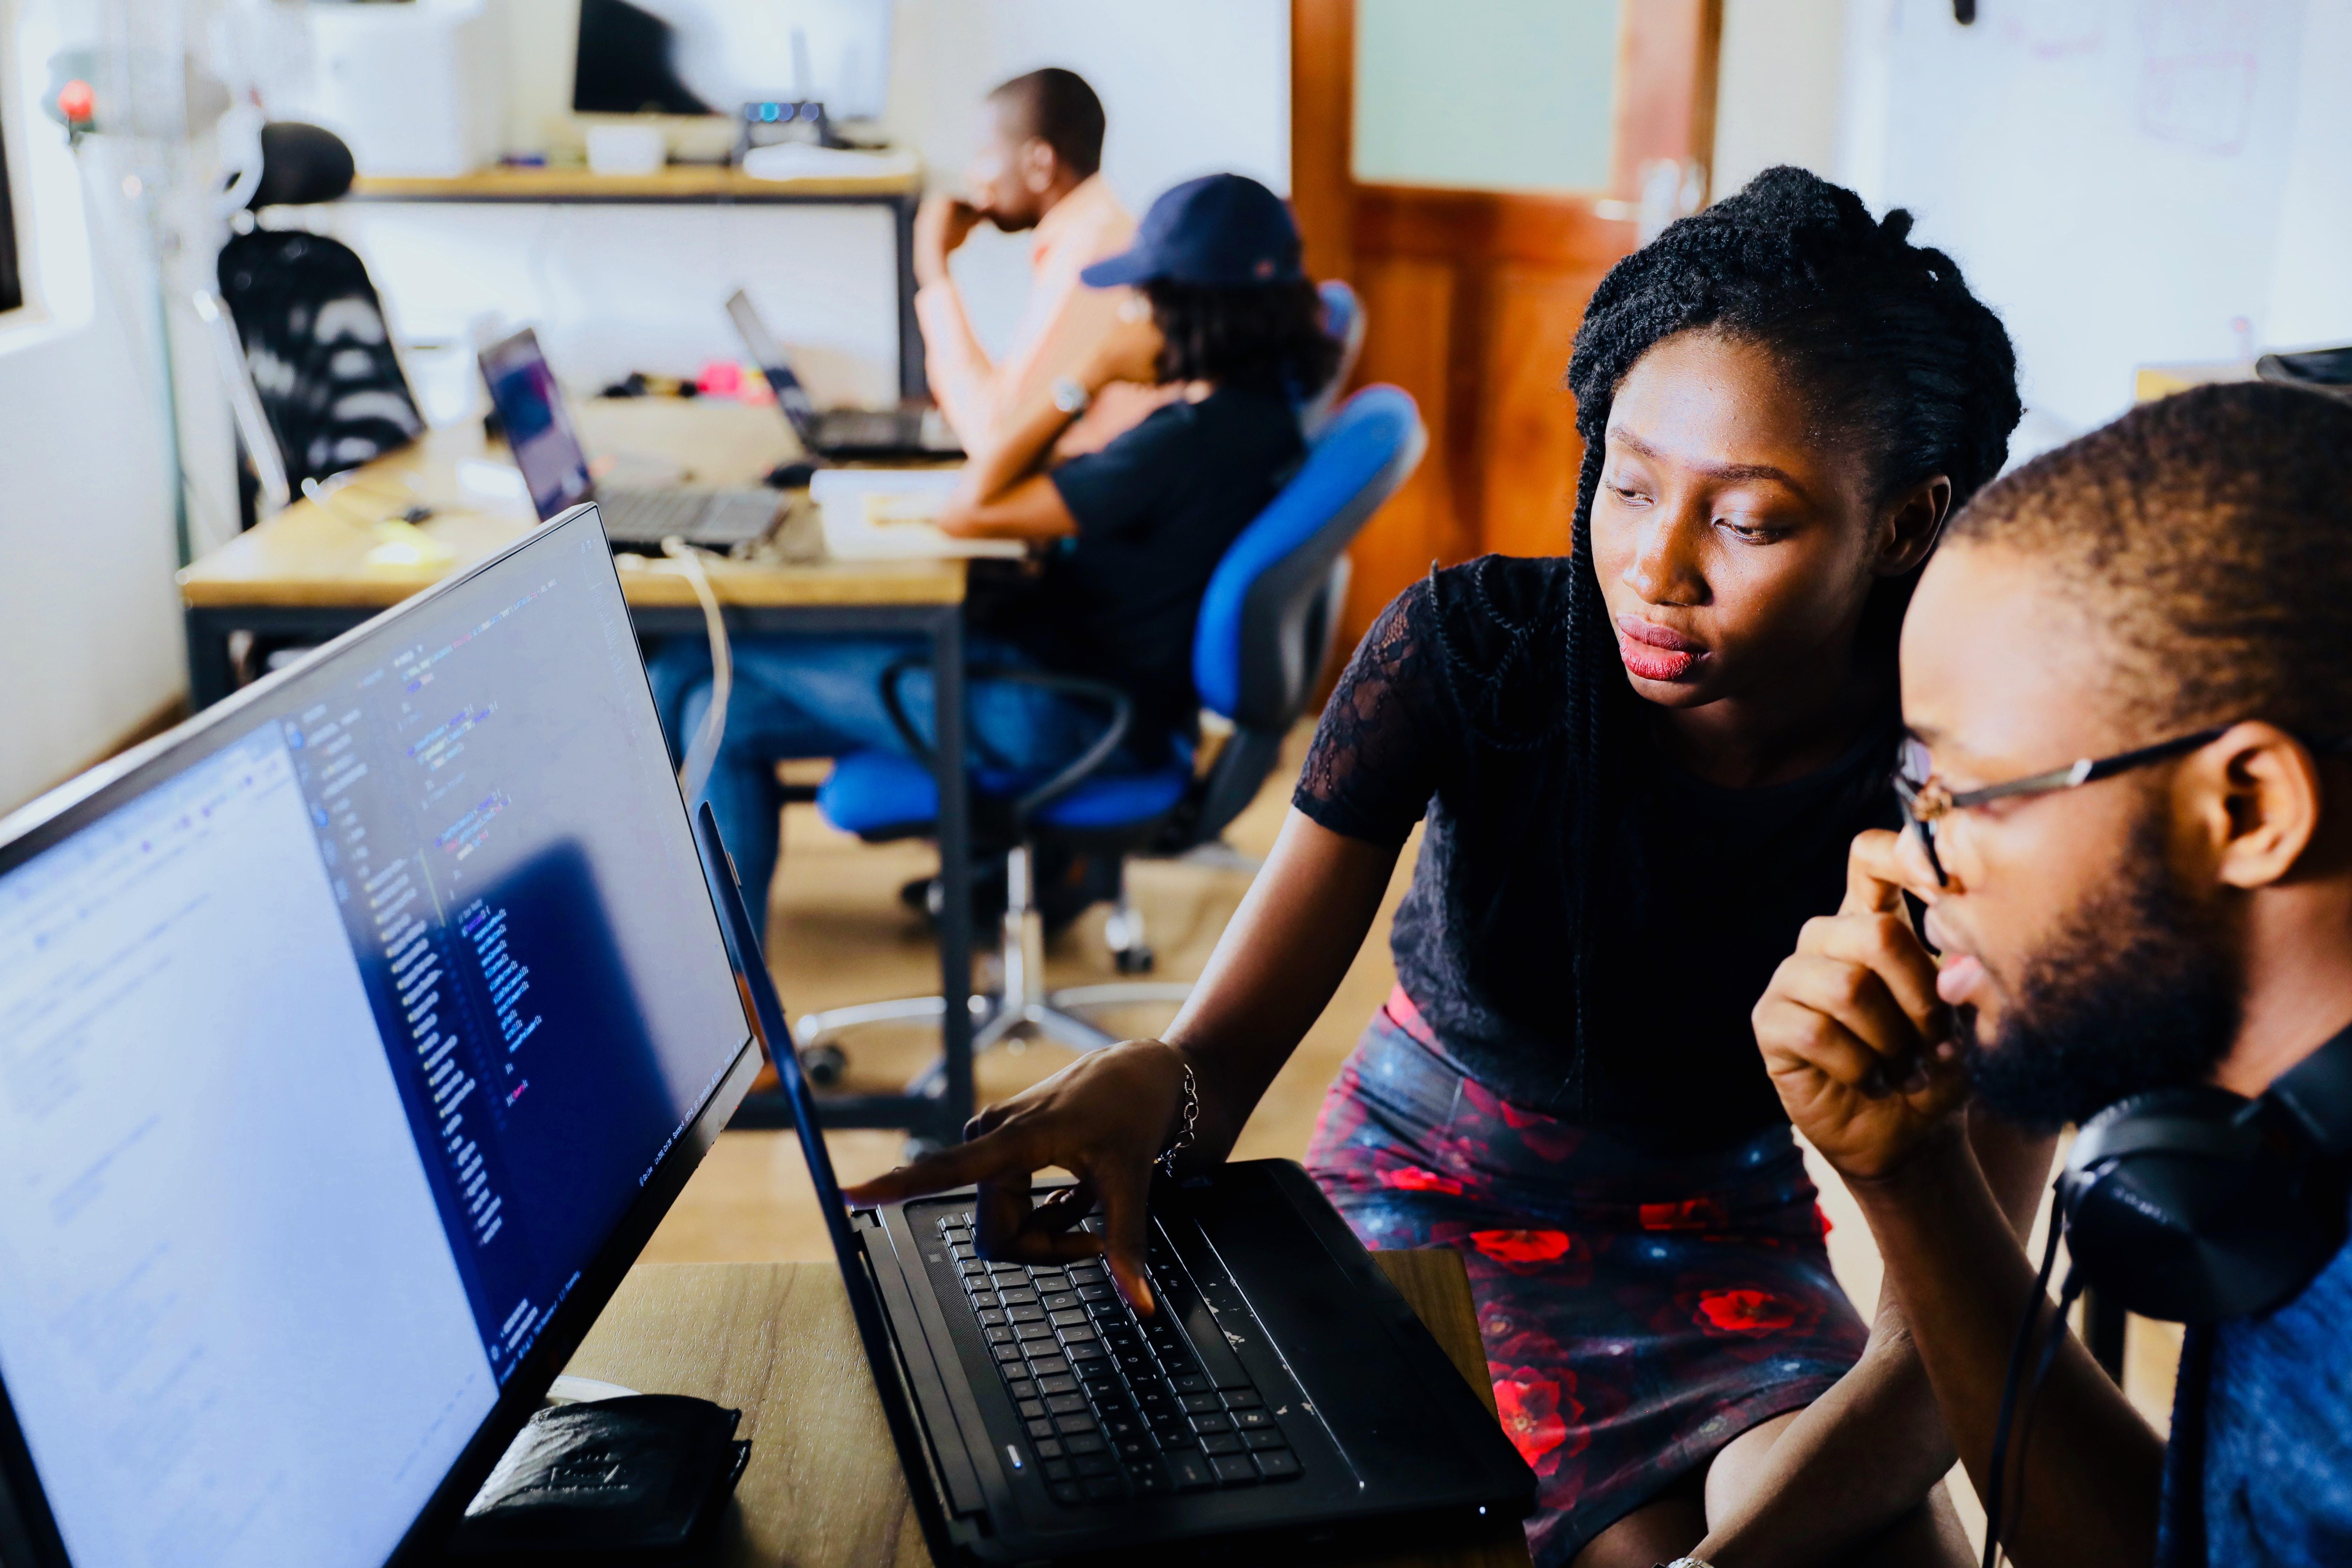 People behind laptop